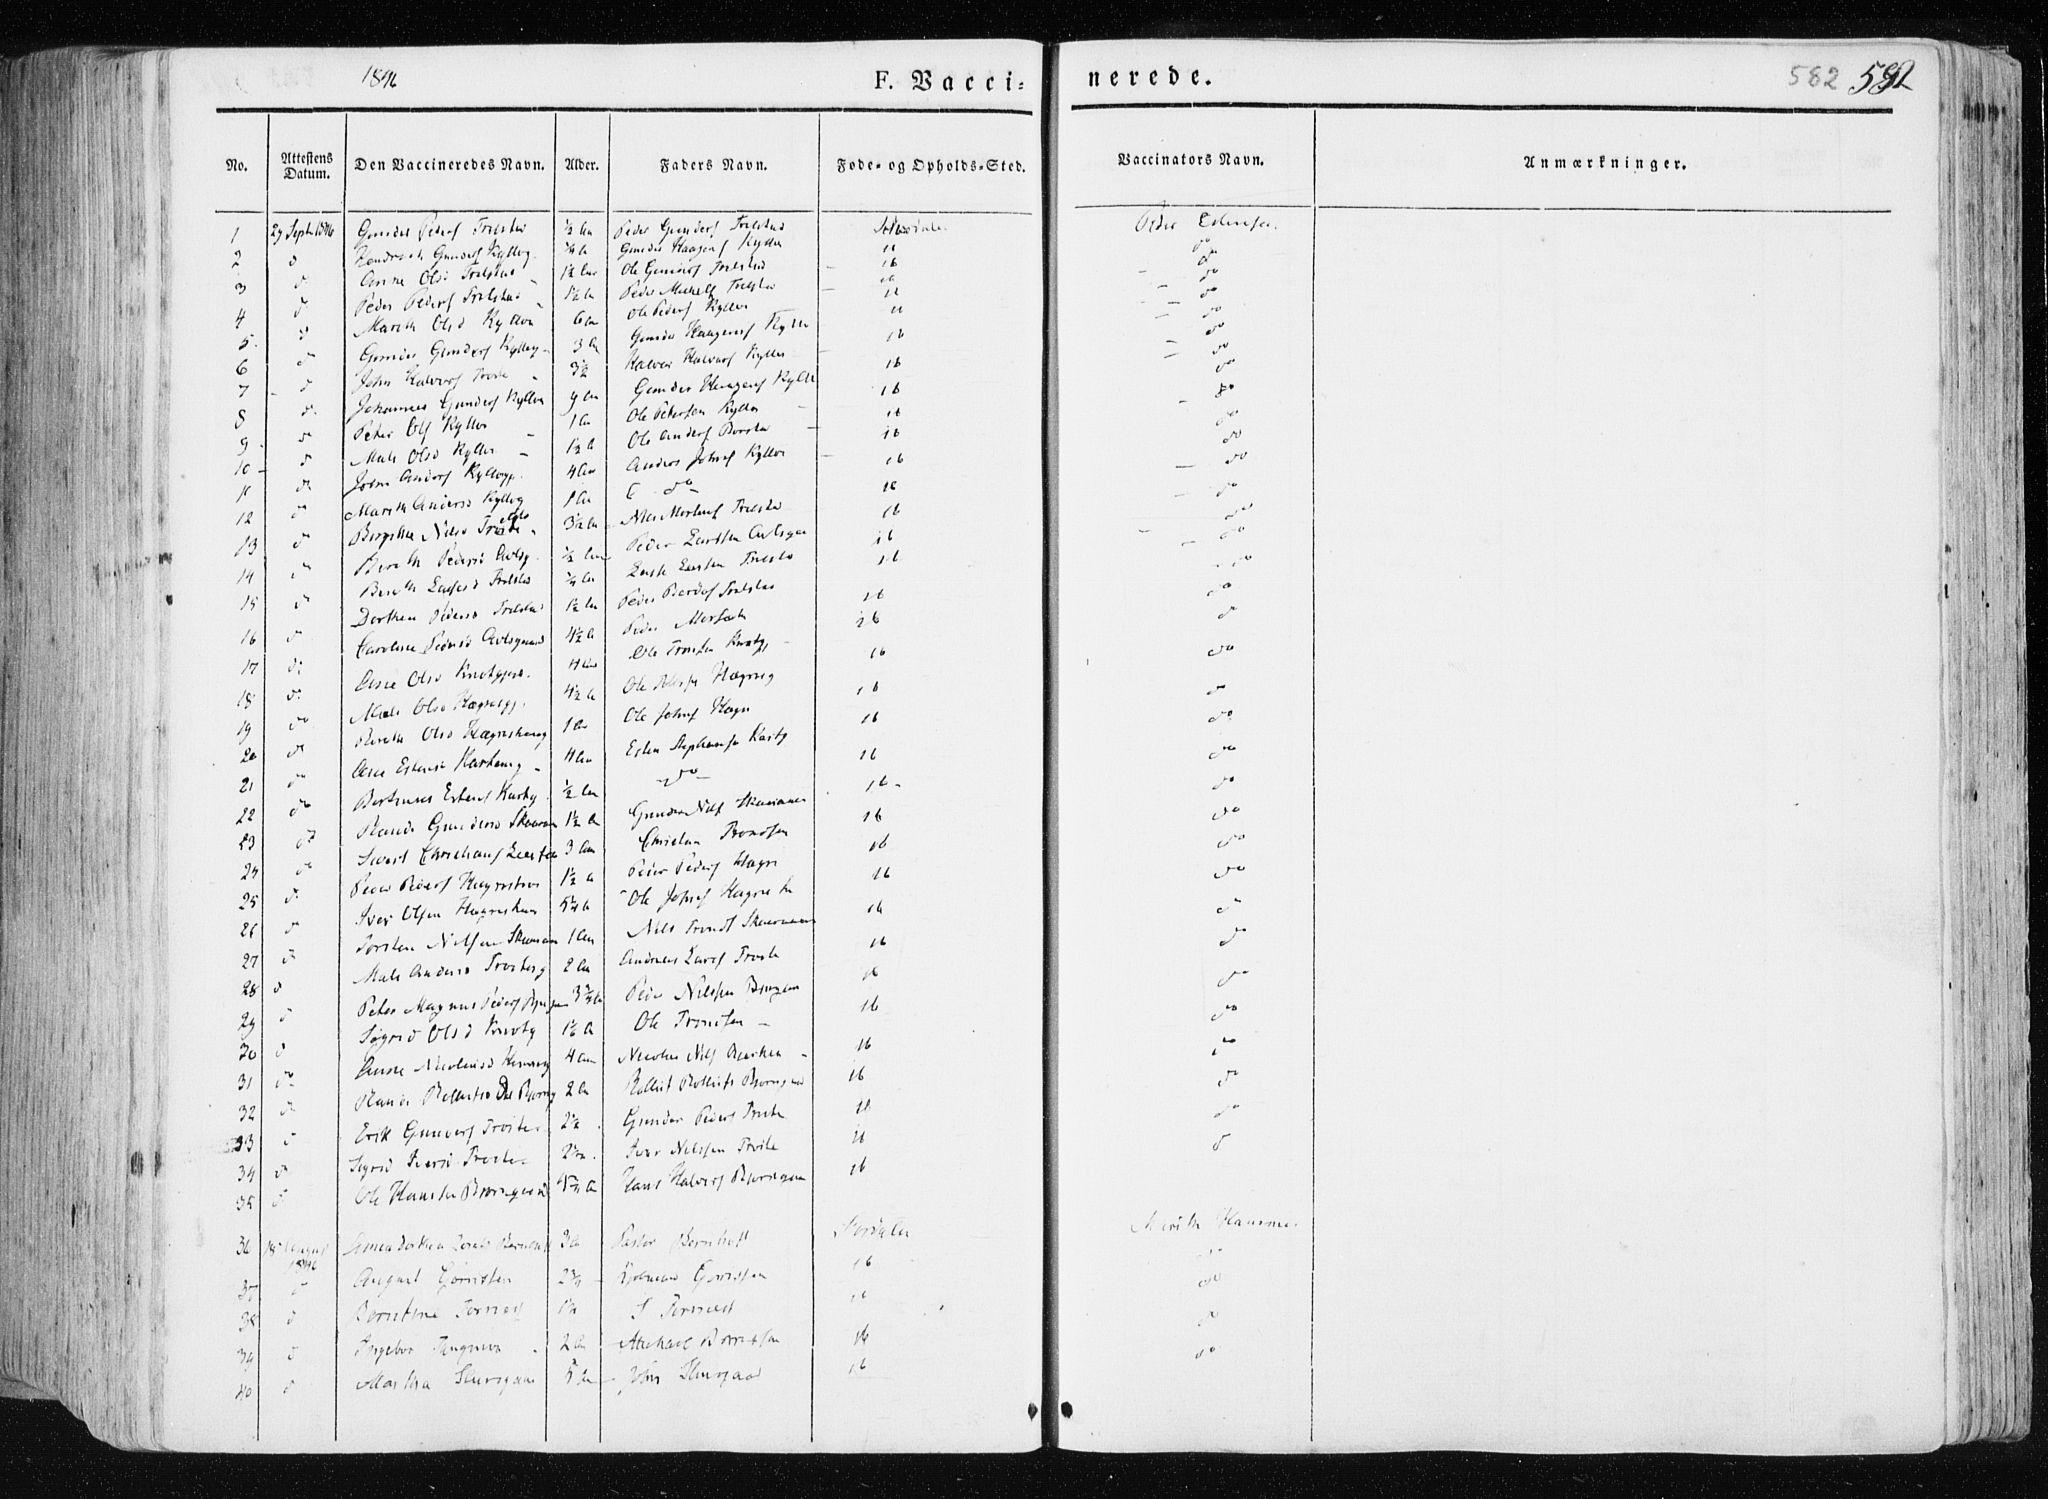 SAT, Ministerialprotokoller, klokkerbøker og fødselsregistre - Nord-Trøndelag, 709/L0074: Ministerialbok nr. 709A14, 1845-1858, s. 582